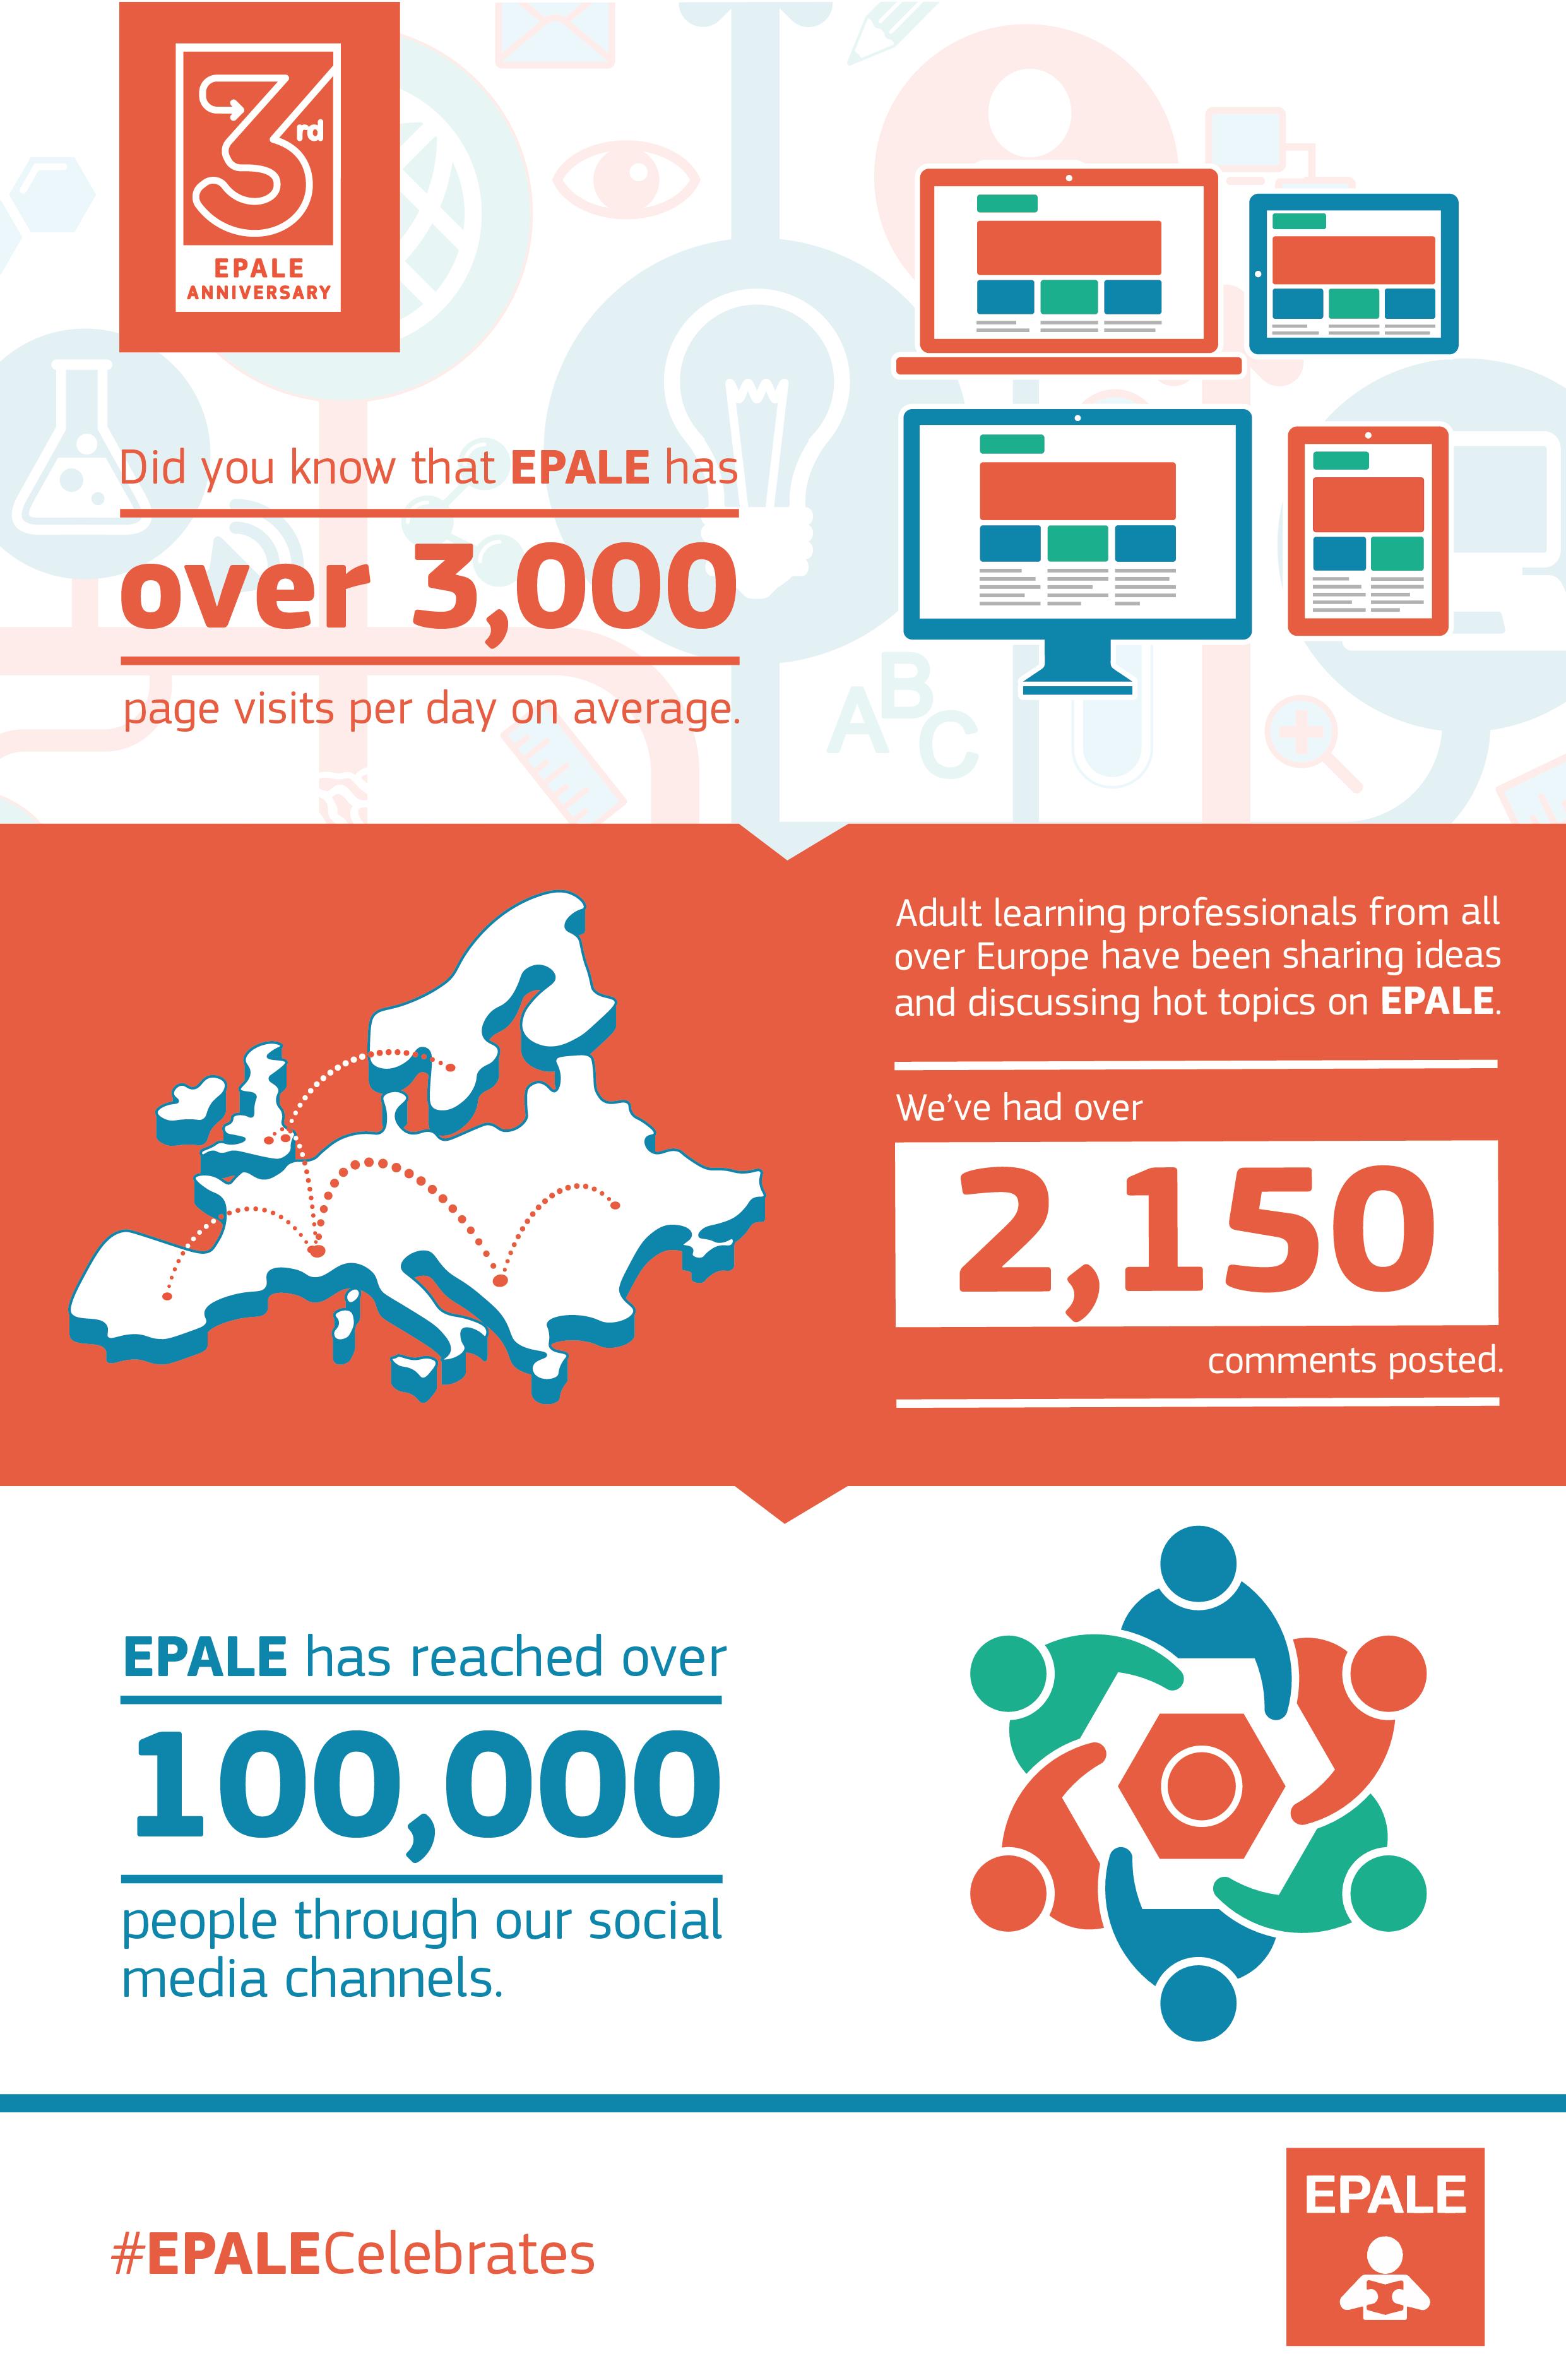 EPALE 3rd Anniversary